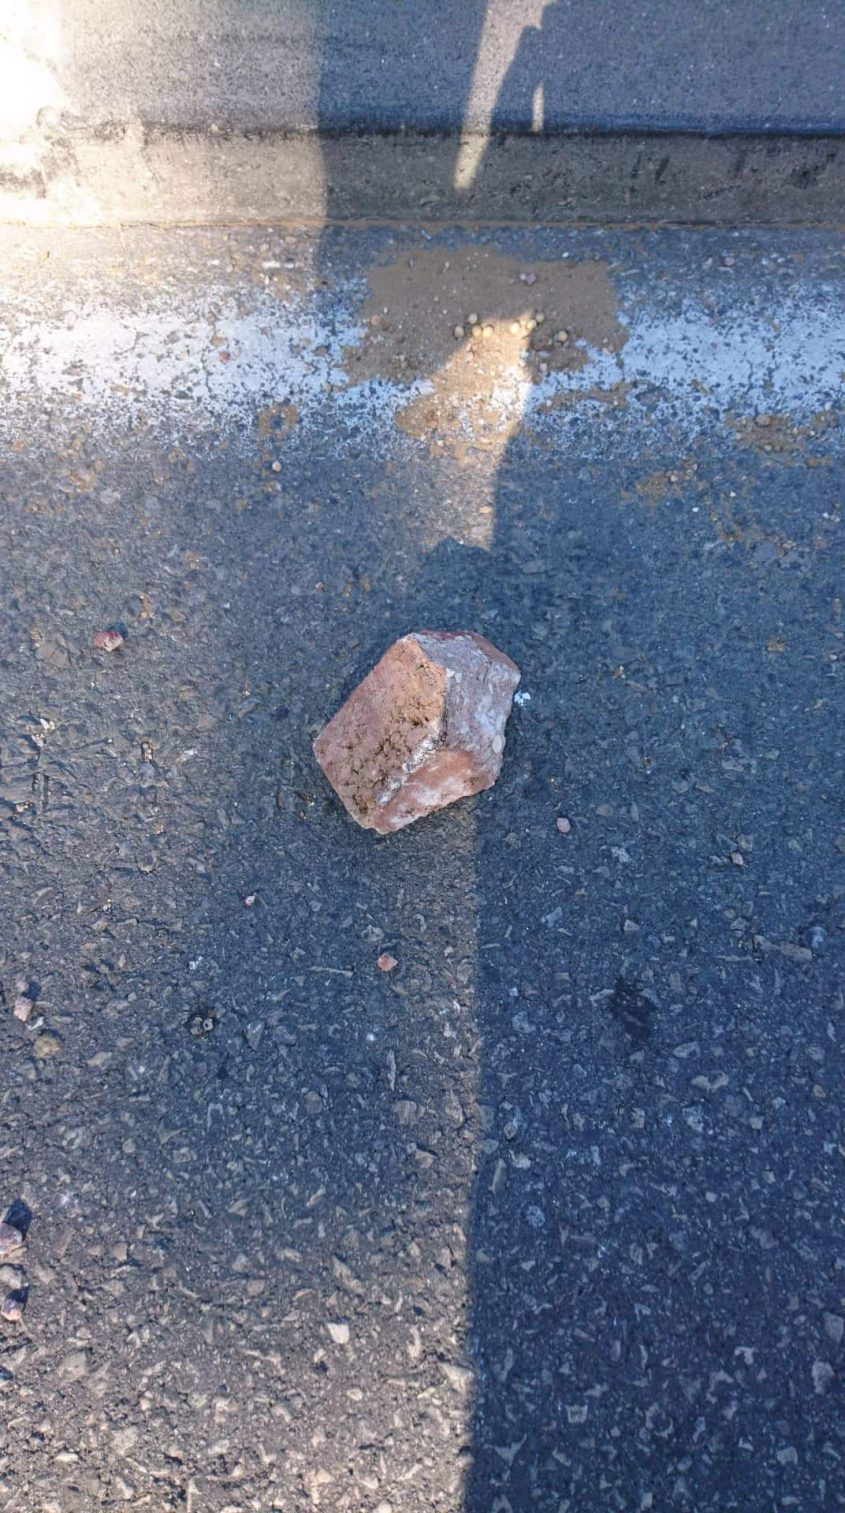 אחת האבנים שנזרקו לעבר כלי רכב בגלל שנסעו בשבת. צילום: טל דרמר